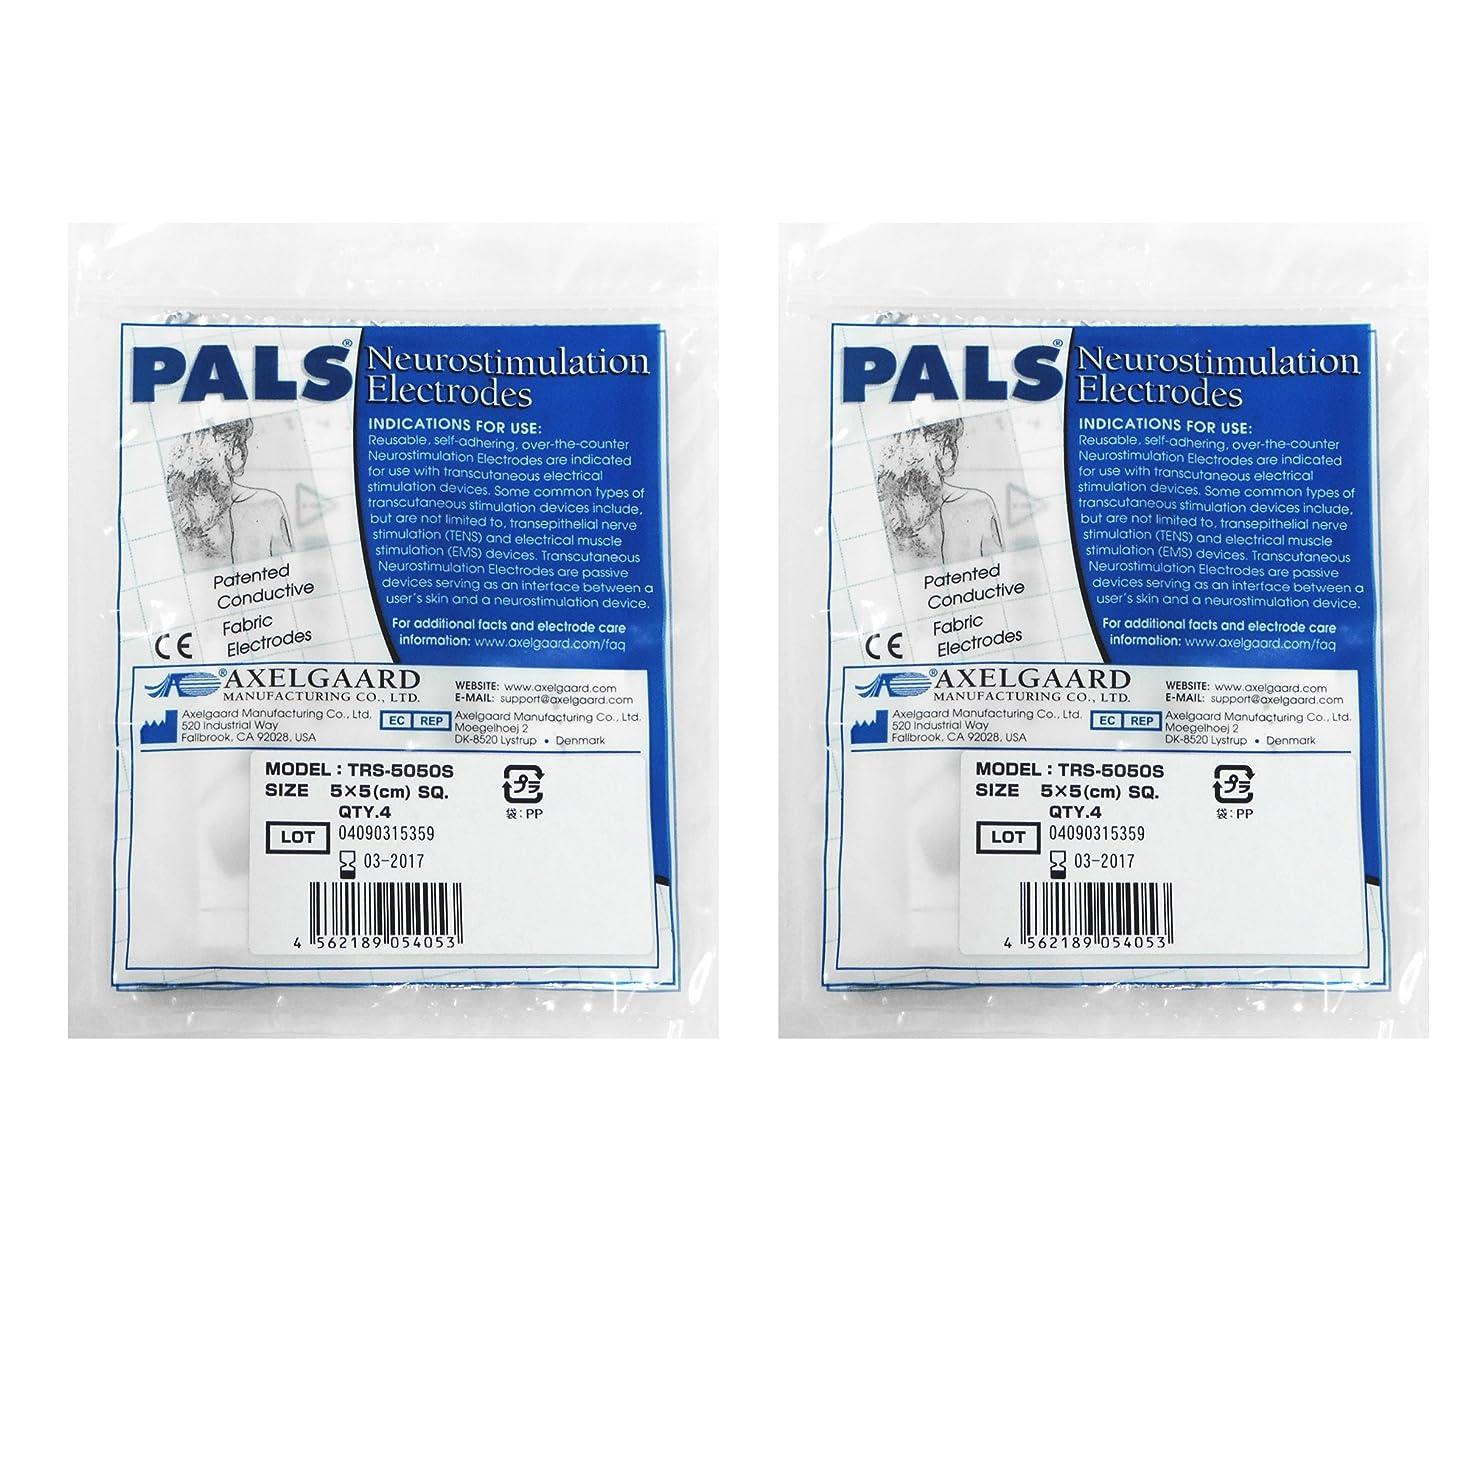 適応的理解する価値のないBellforme ベルフォーマ 敏感肌粘着パッド4枚入り?2袋セット?